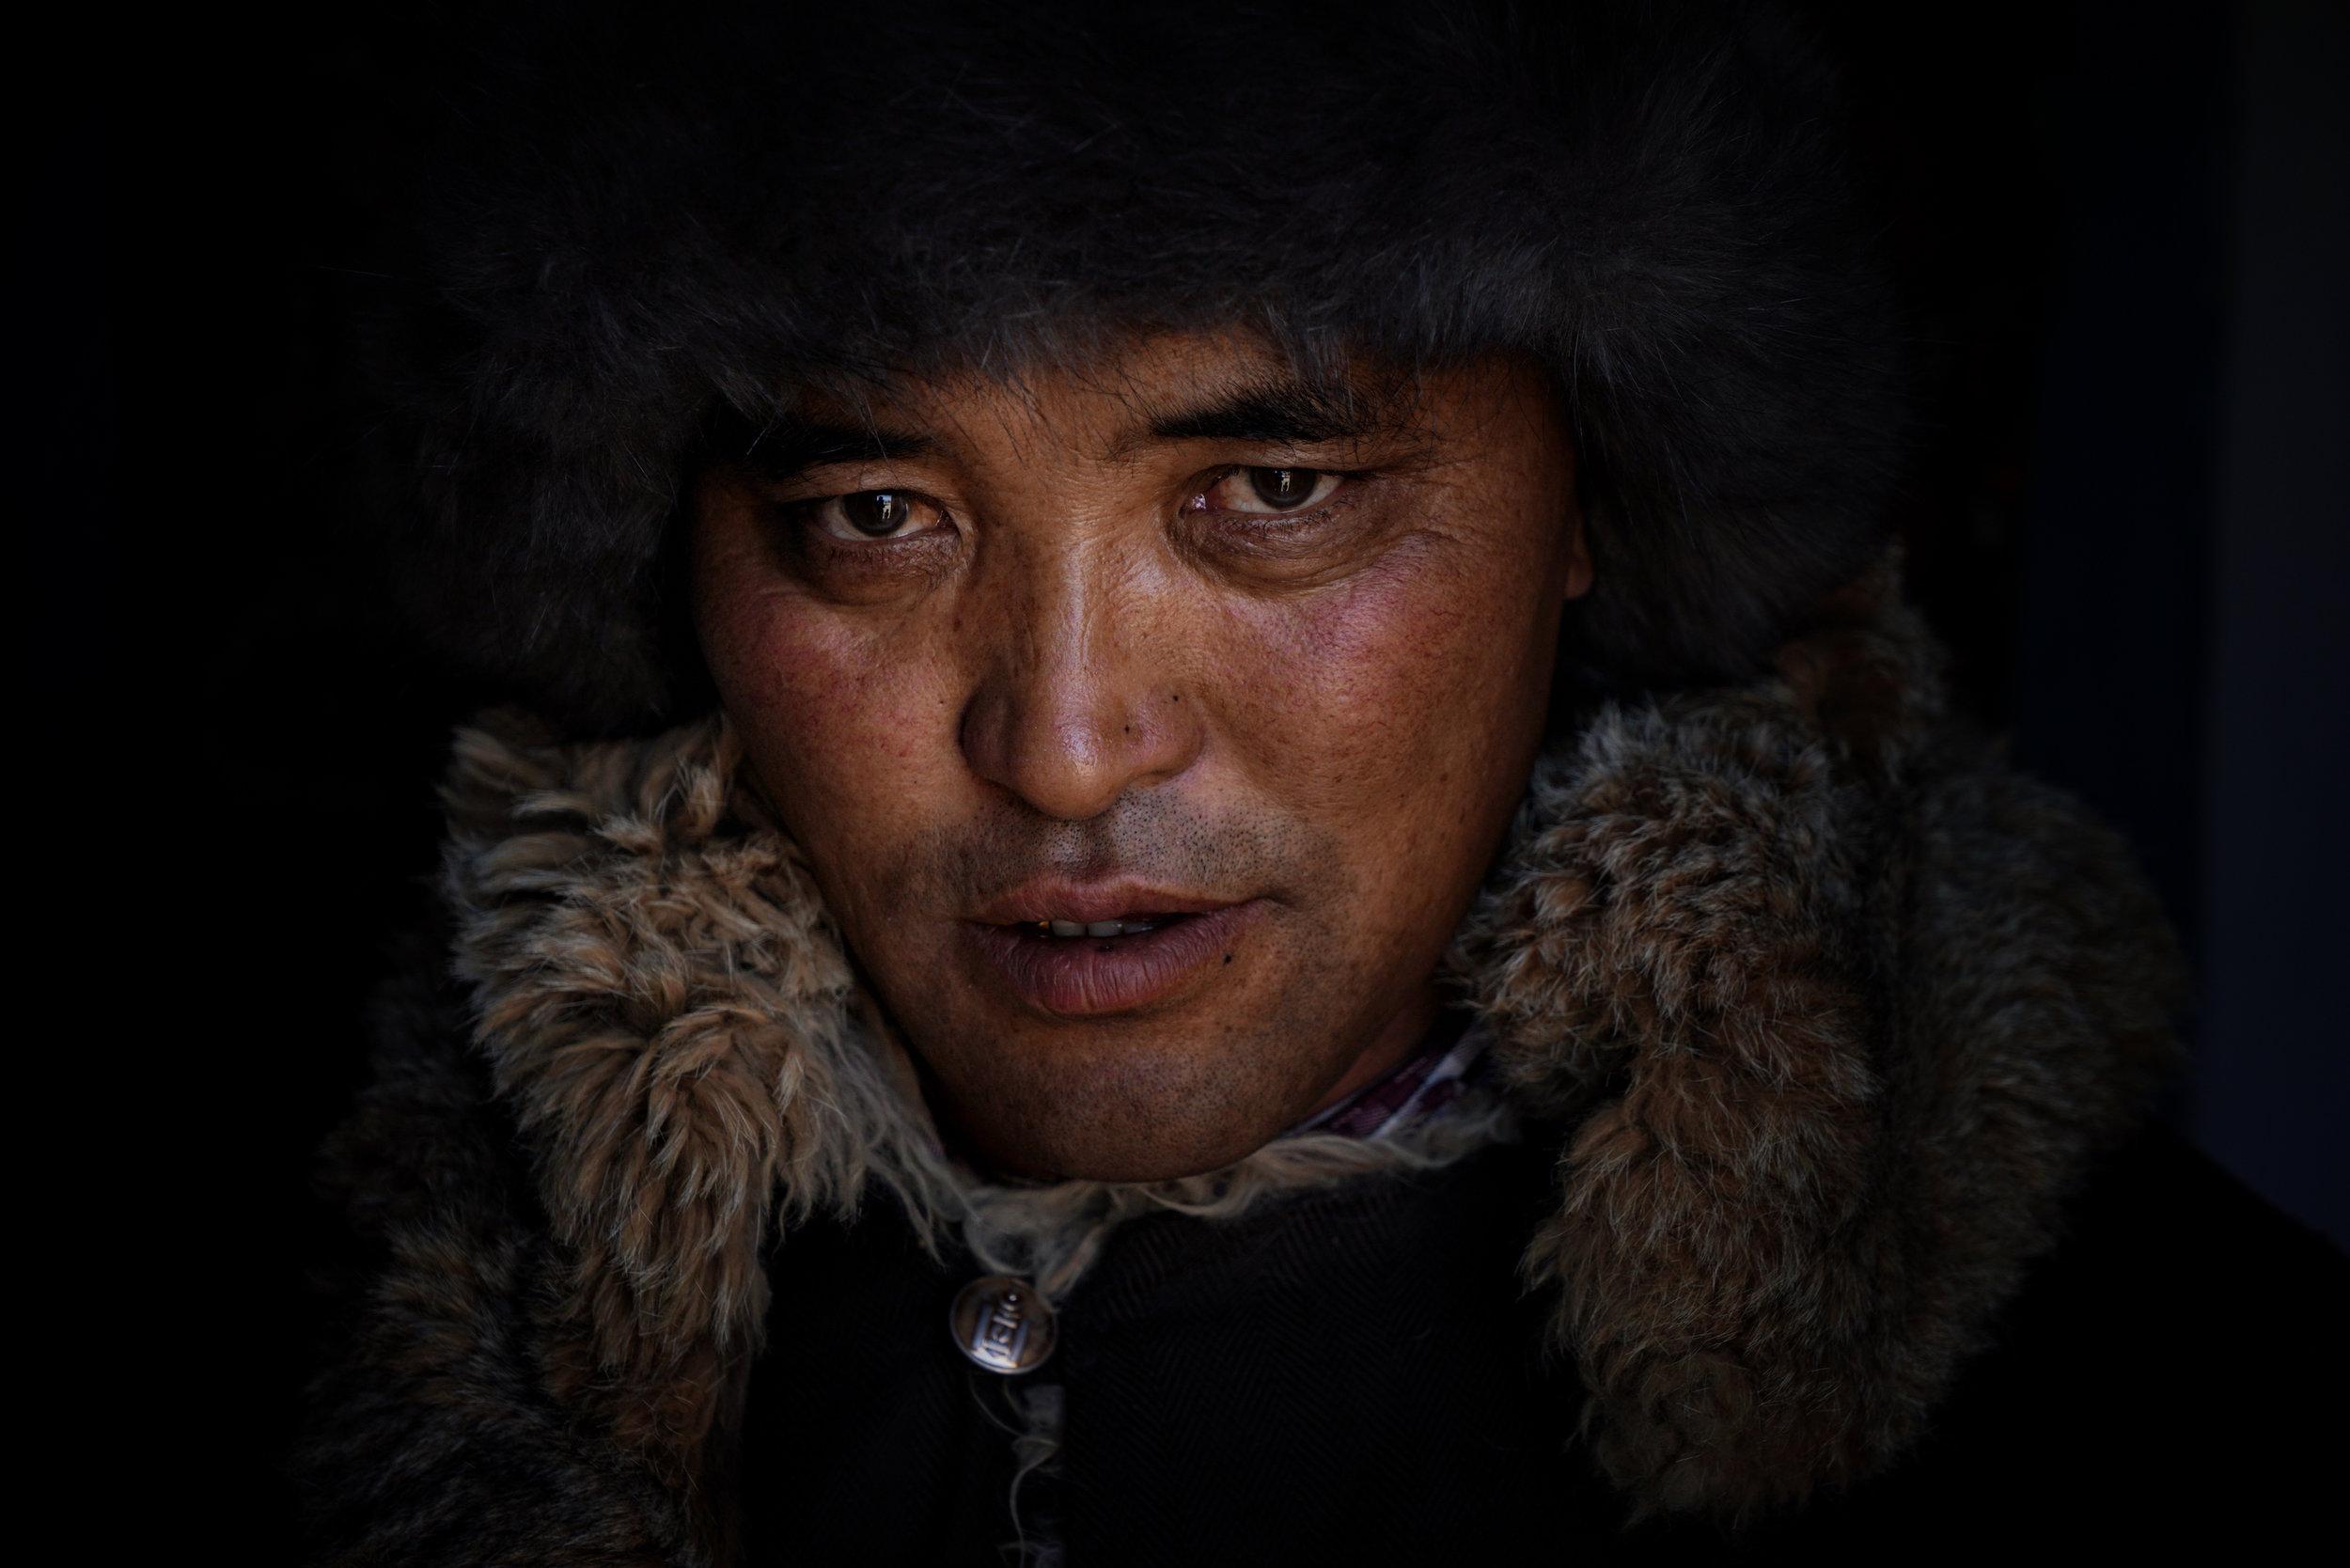 Khasar_S_Dalilkhan_Ulgii_Mongolia_Summer_2016.JPG